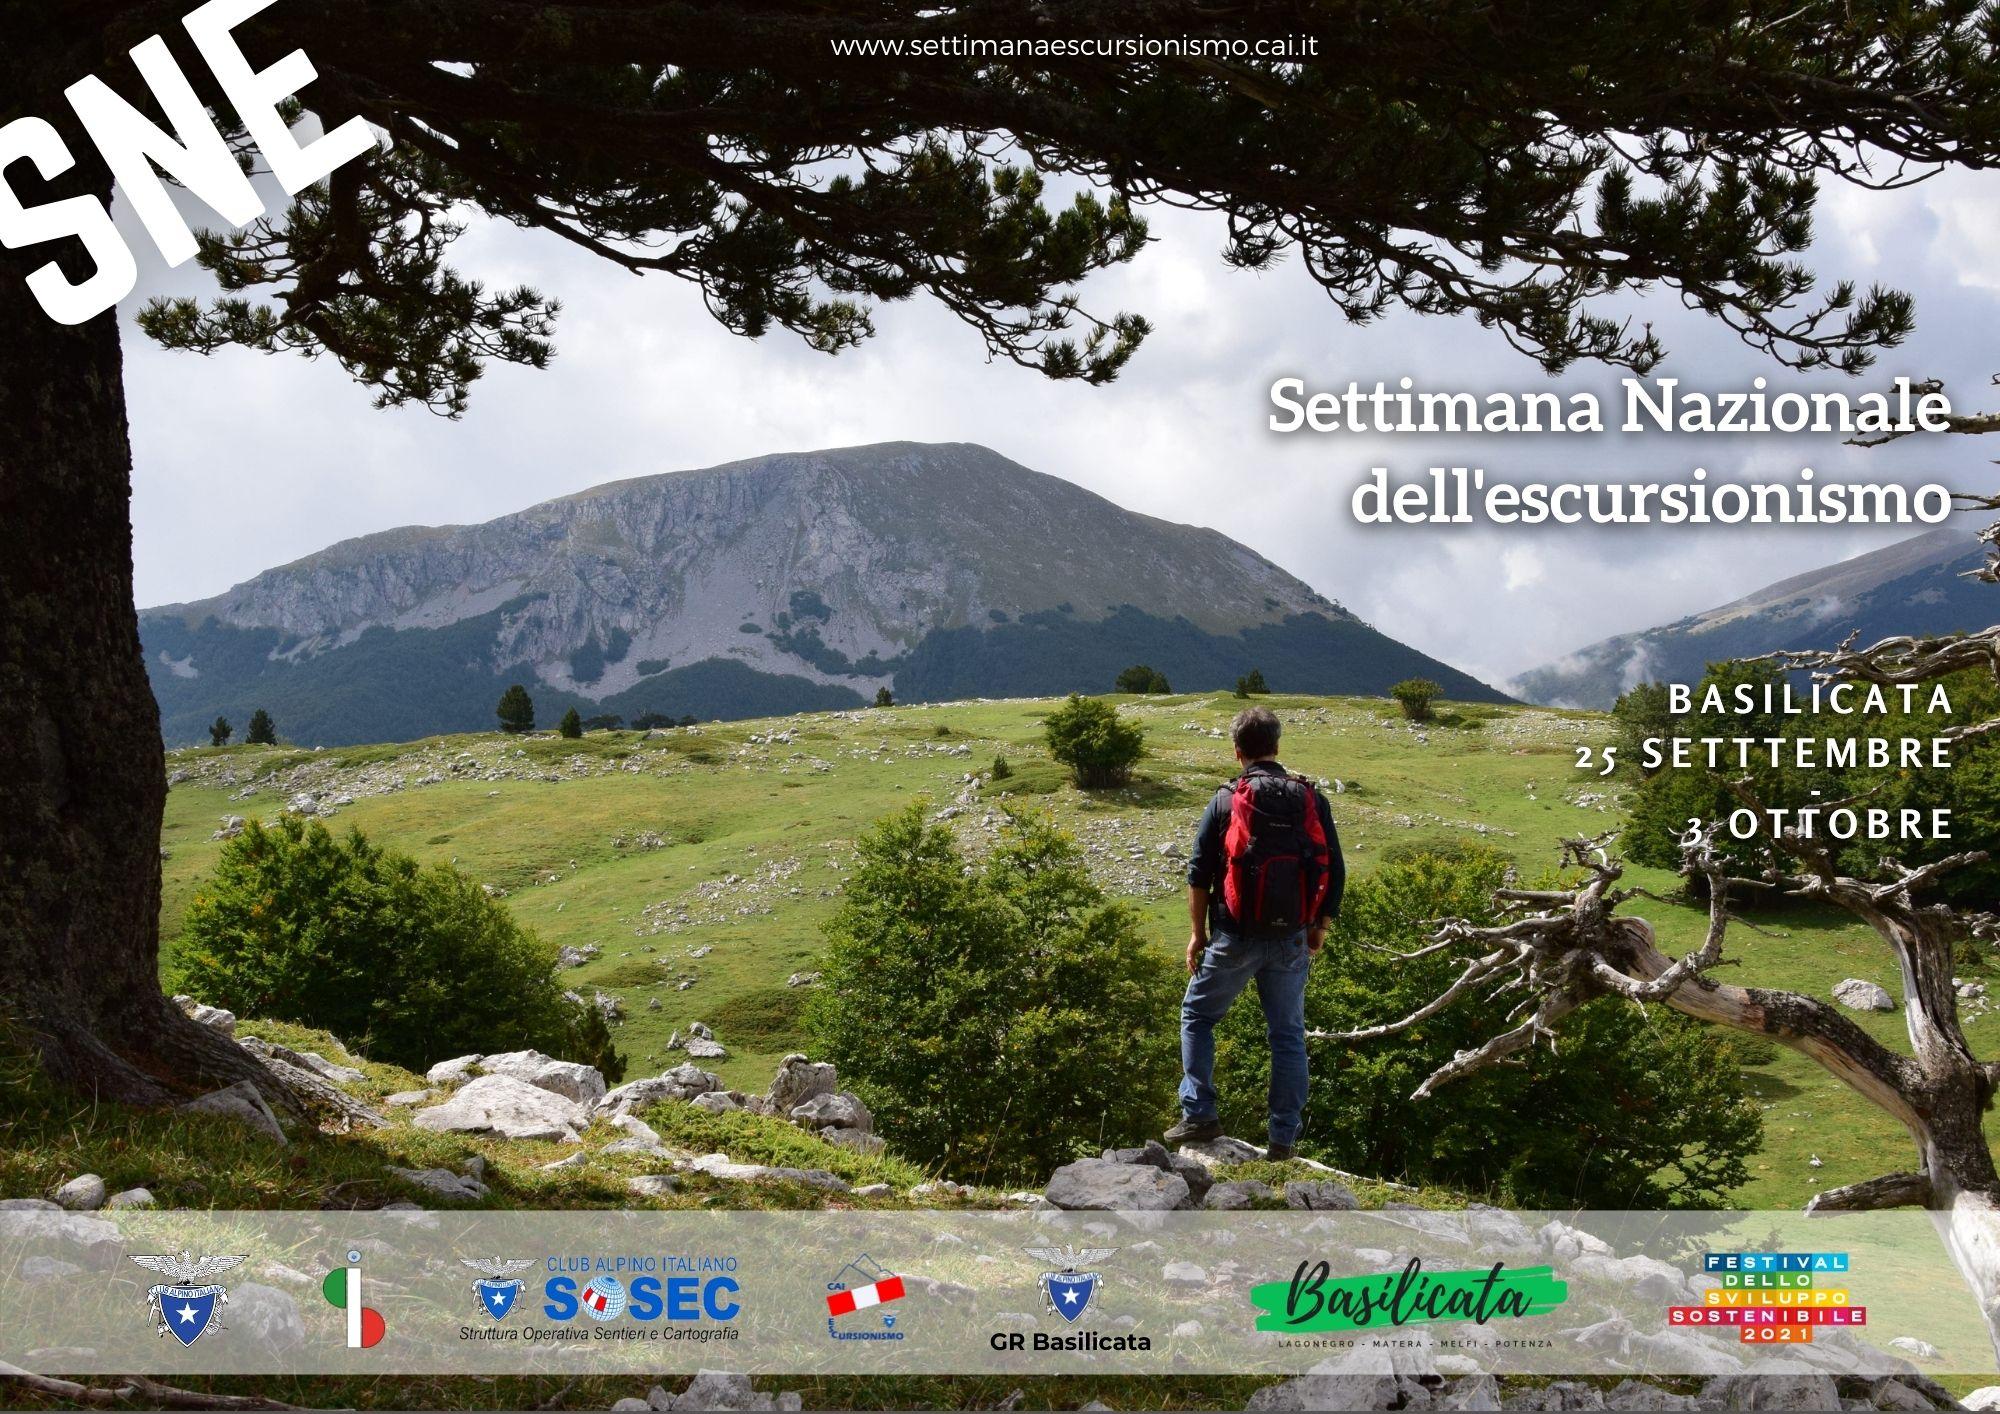 SNE - Settimana Nazionale dell'escursionismo